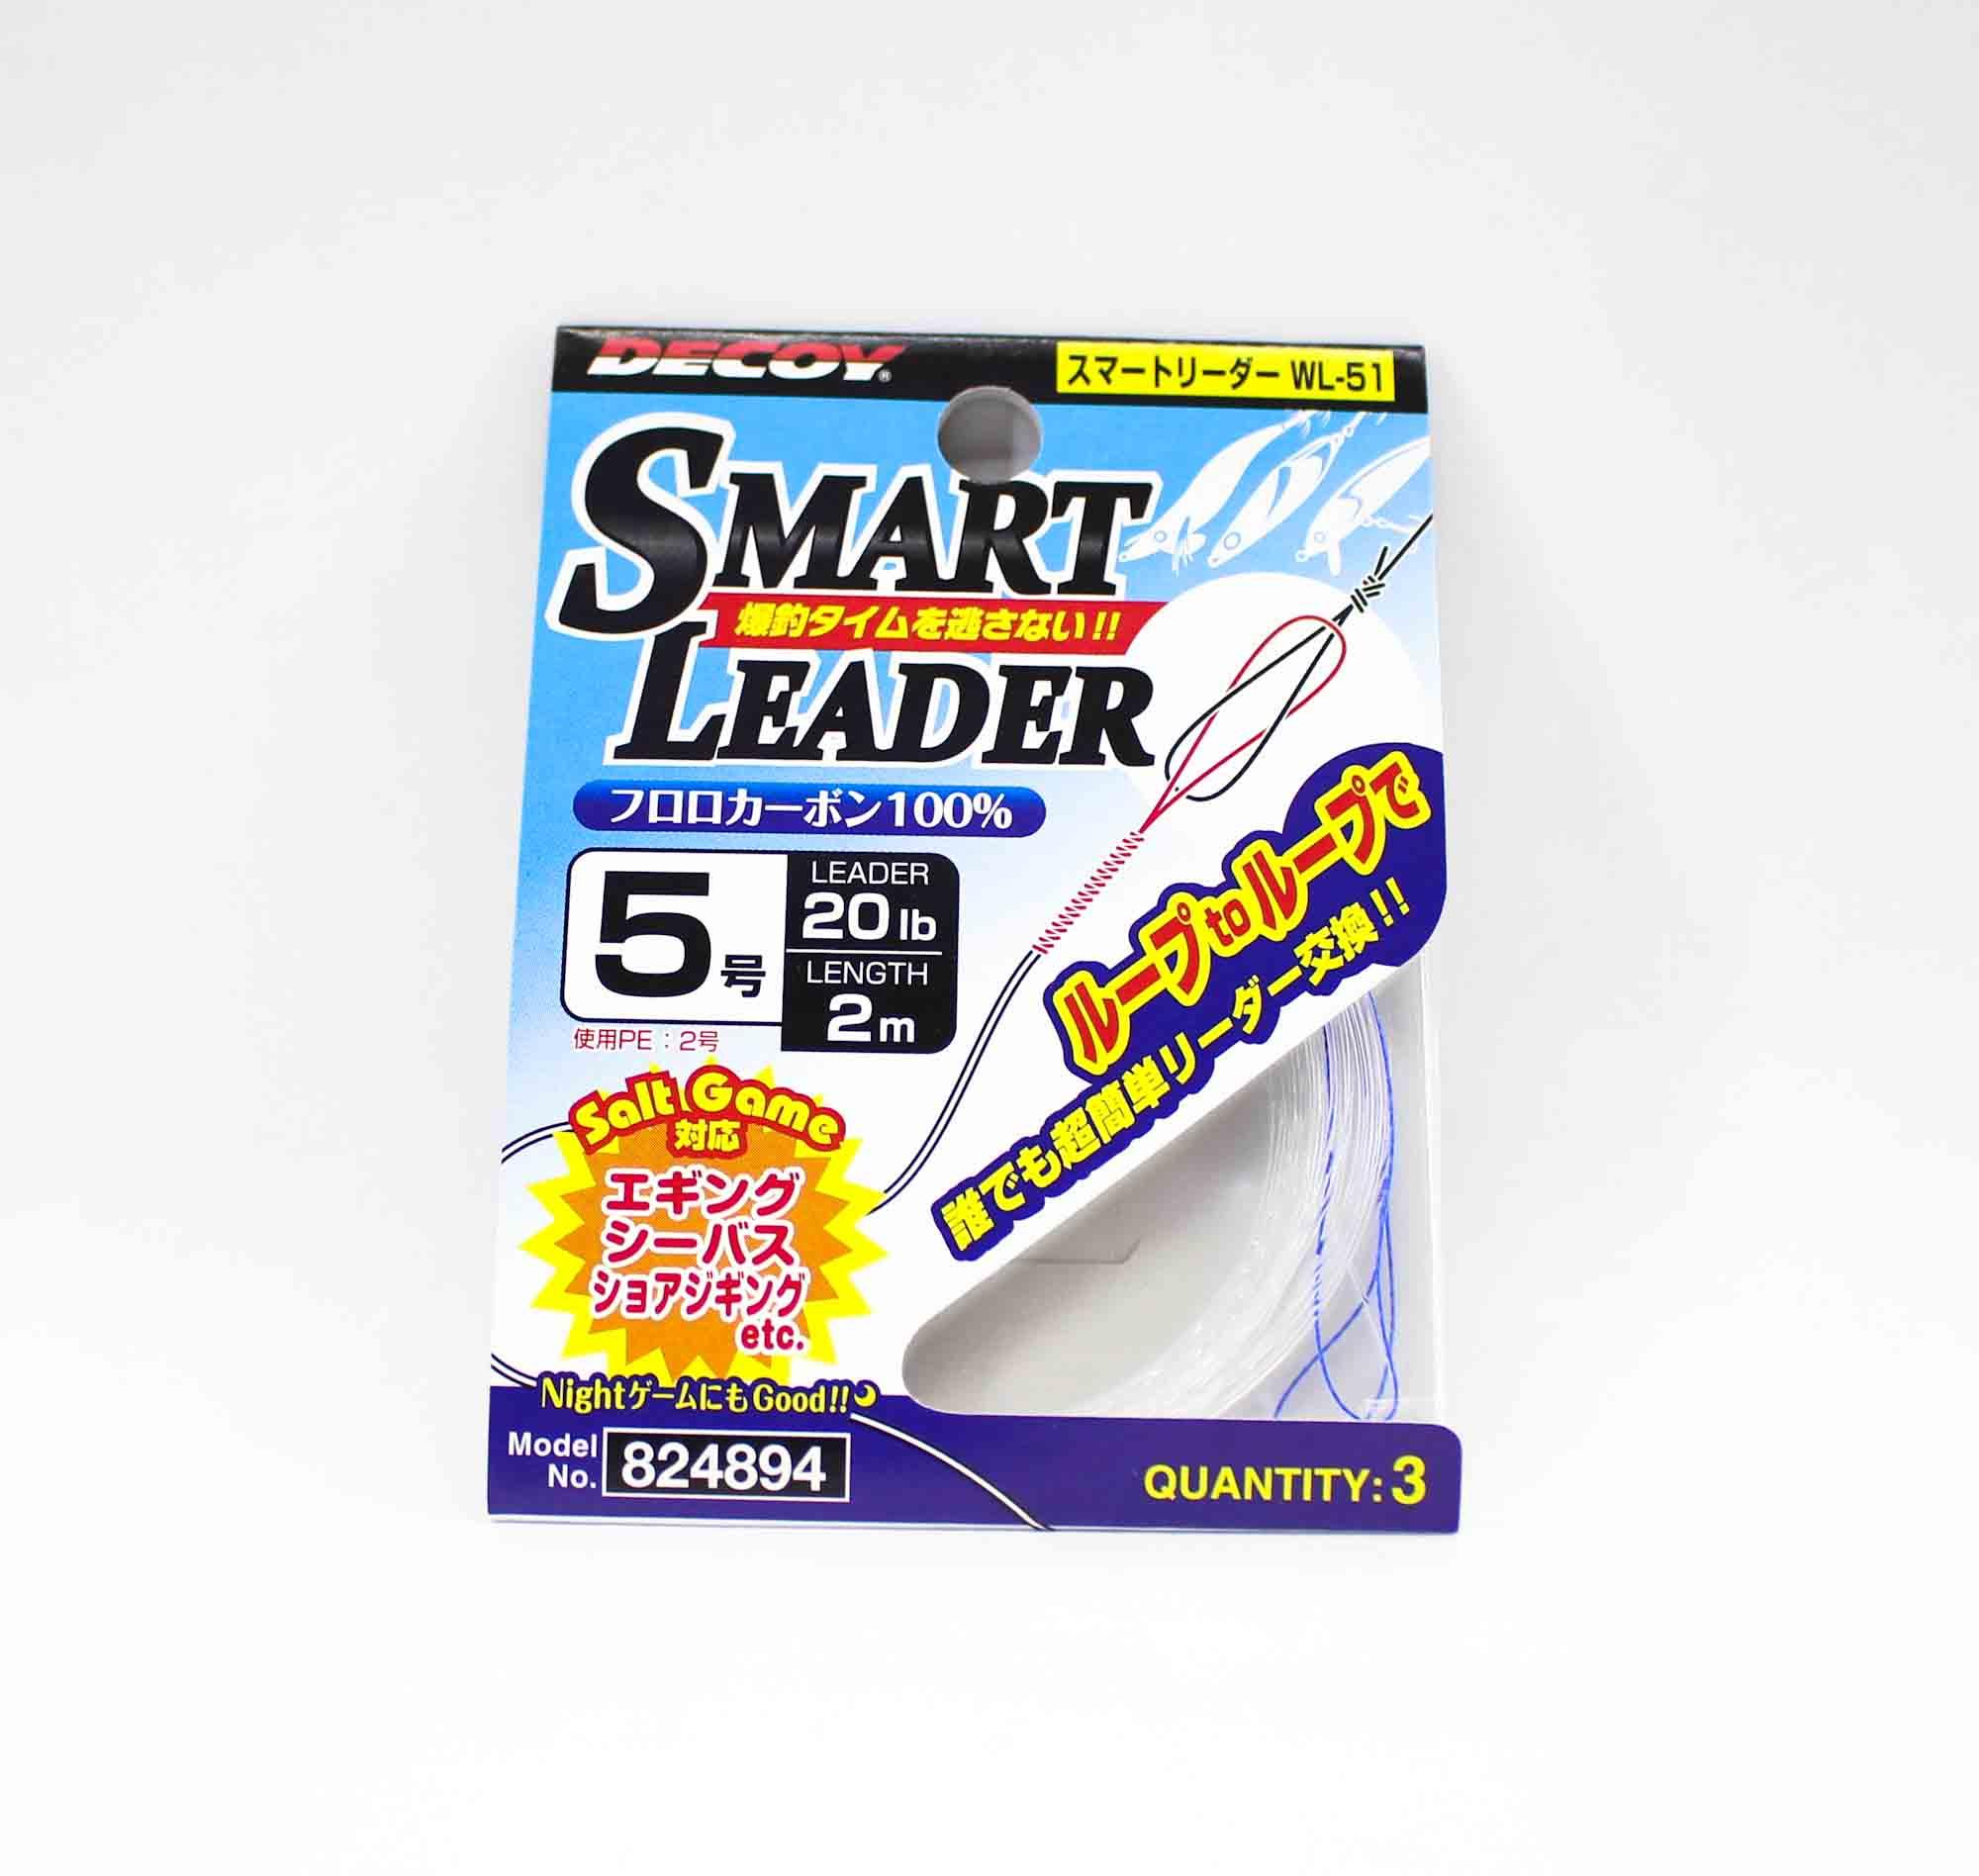 Decoy WL-51 Smart Leader Fluorocarbon 20lb 2m (4894)